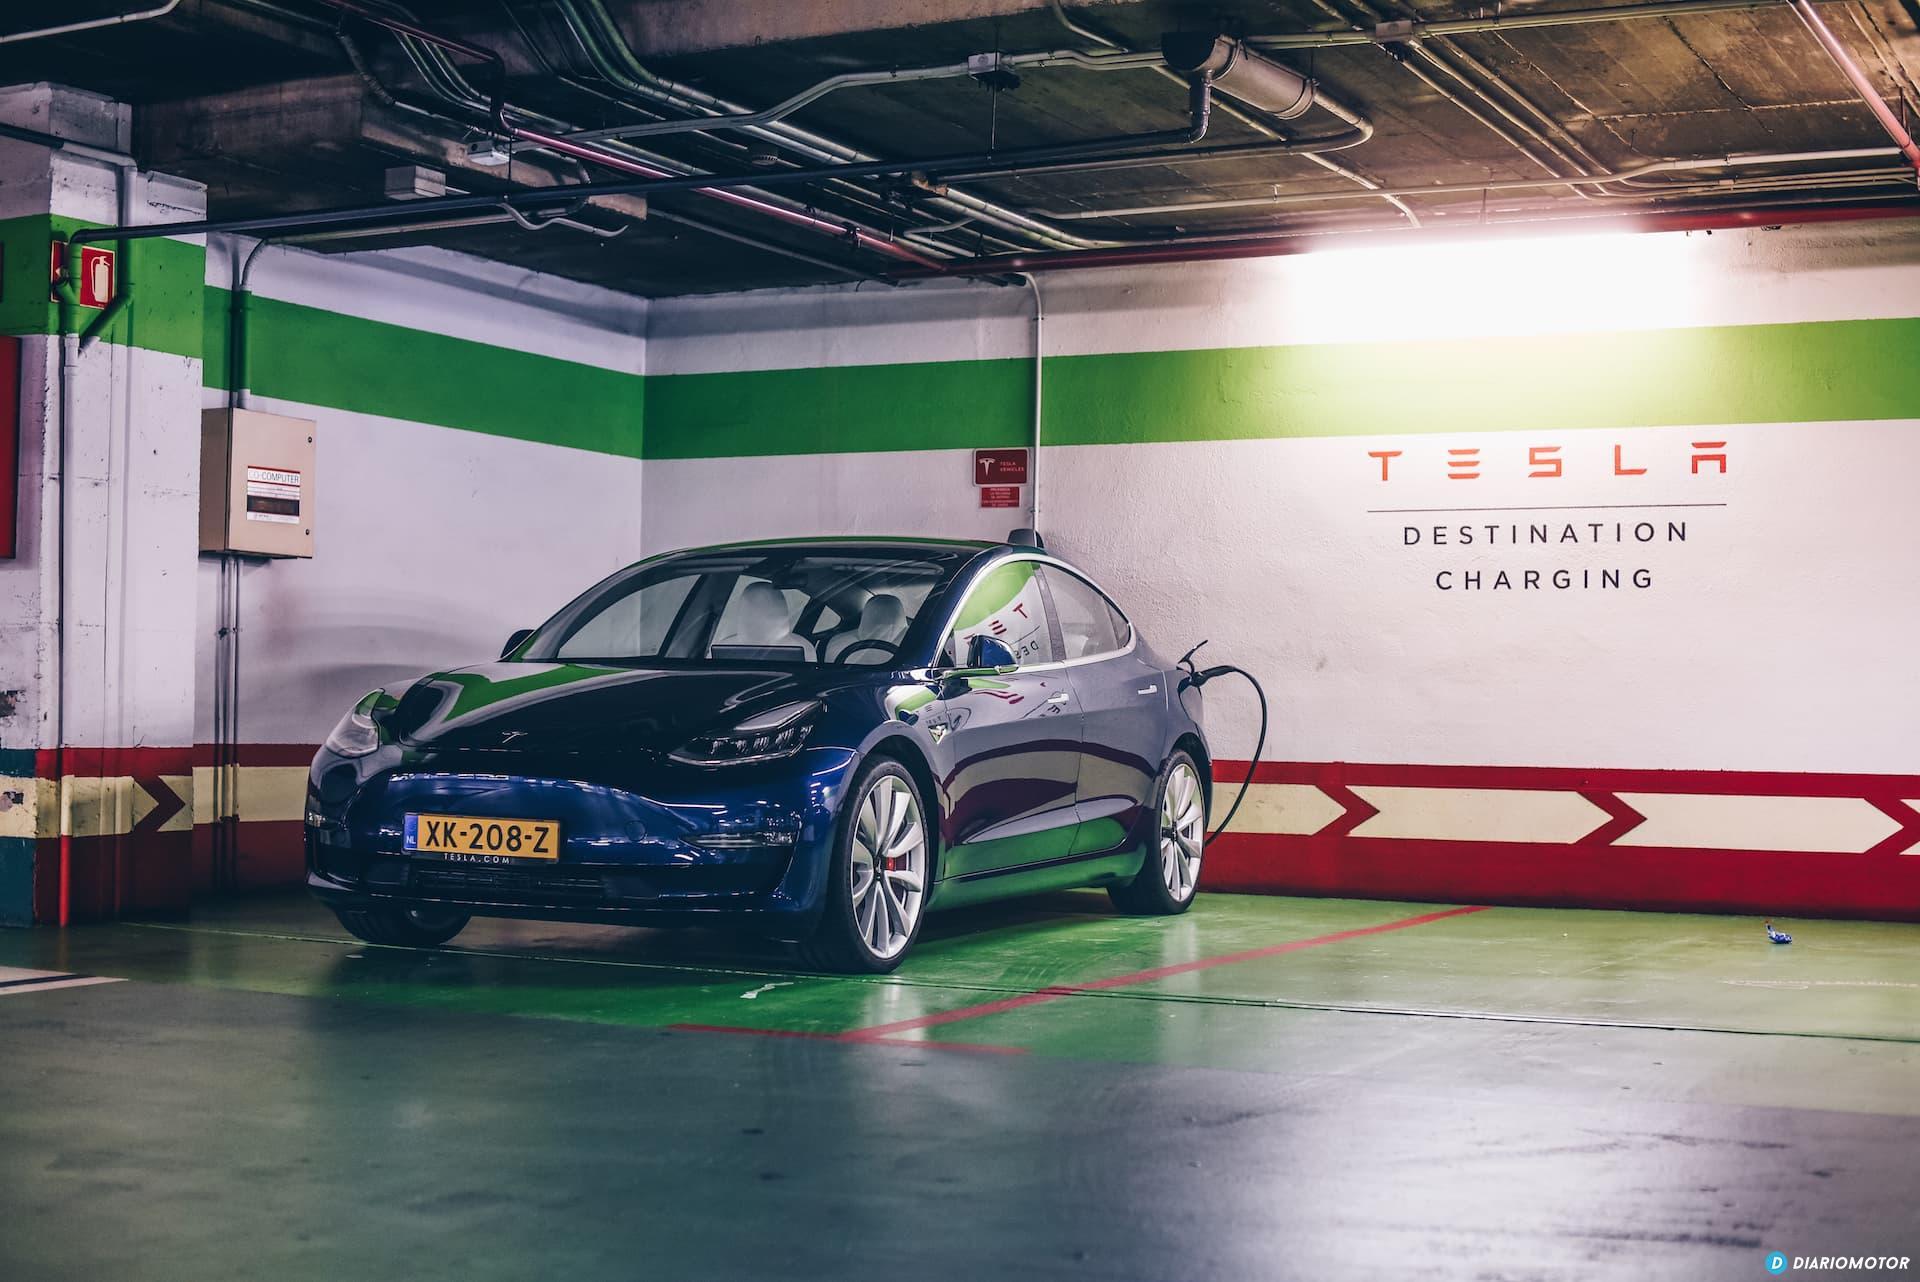 Prueba Tesla Model 3 Dm 2